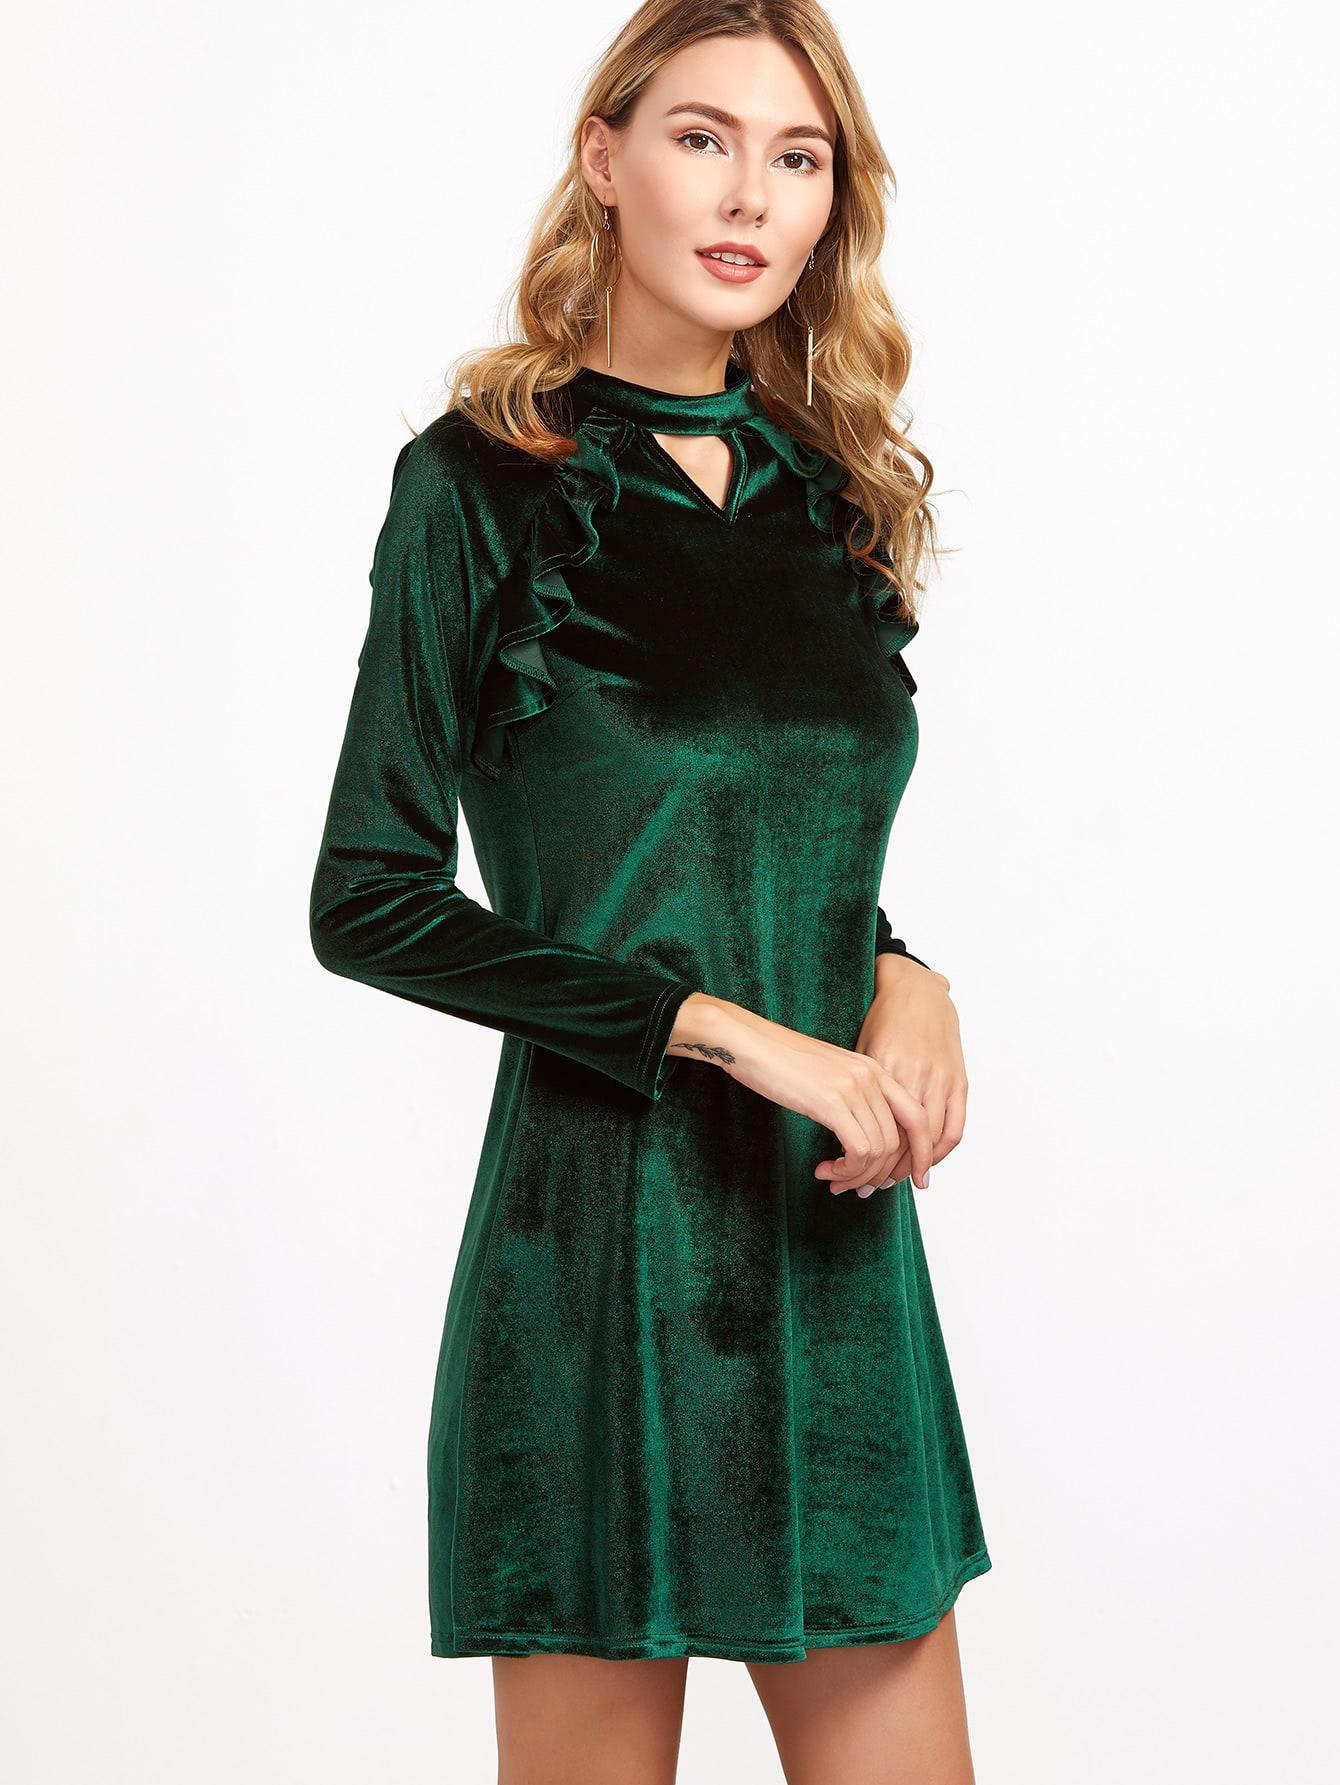 dress161123718_2